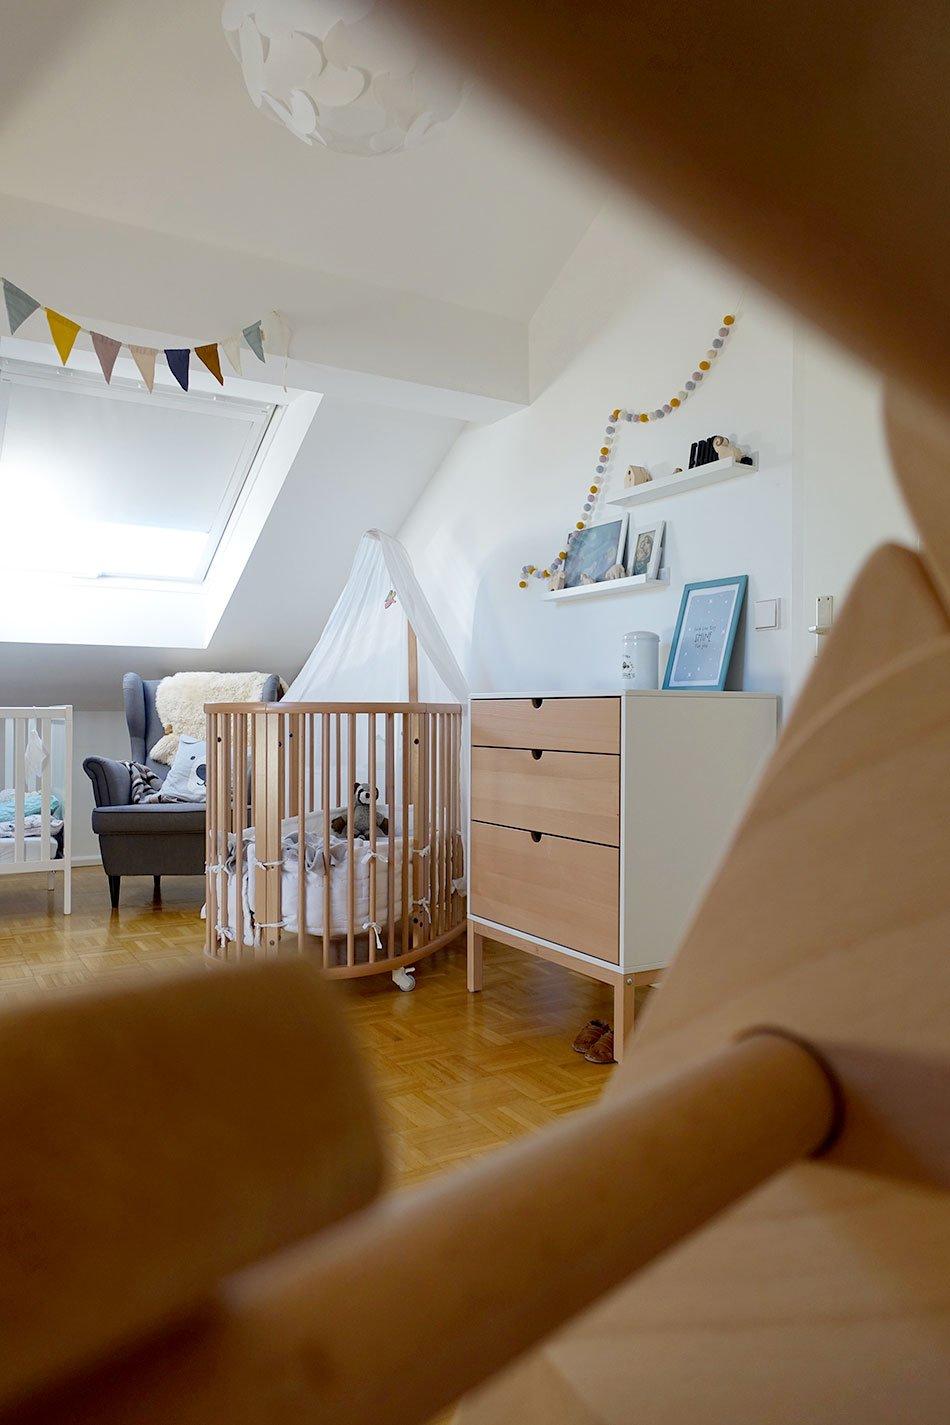 Full Size of Einrichtung Kinderzimmer Unterm Dach Tipps Fr Ekulele Regale Regal Weiß Sofa Kinderzimmer Einrichtung Kinderzimmer